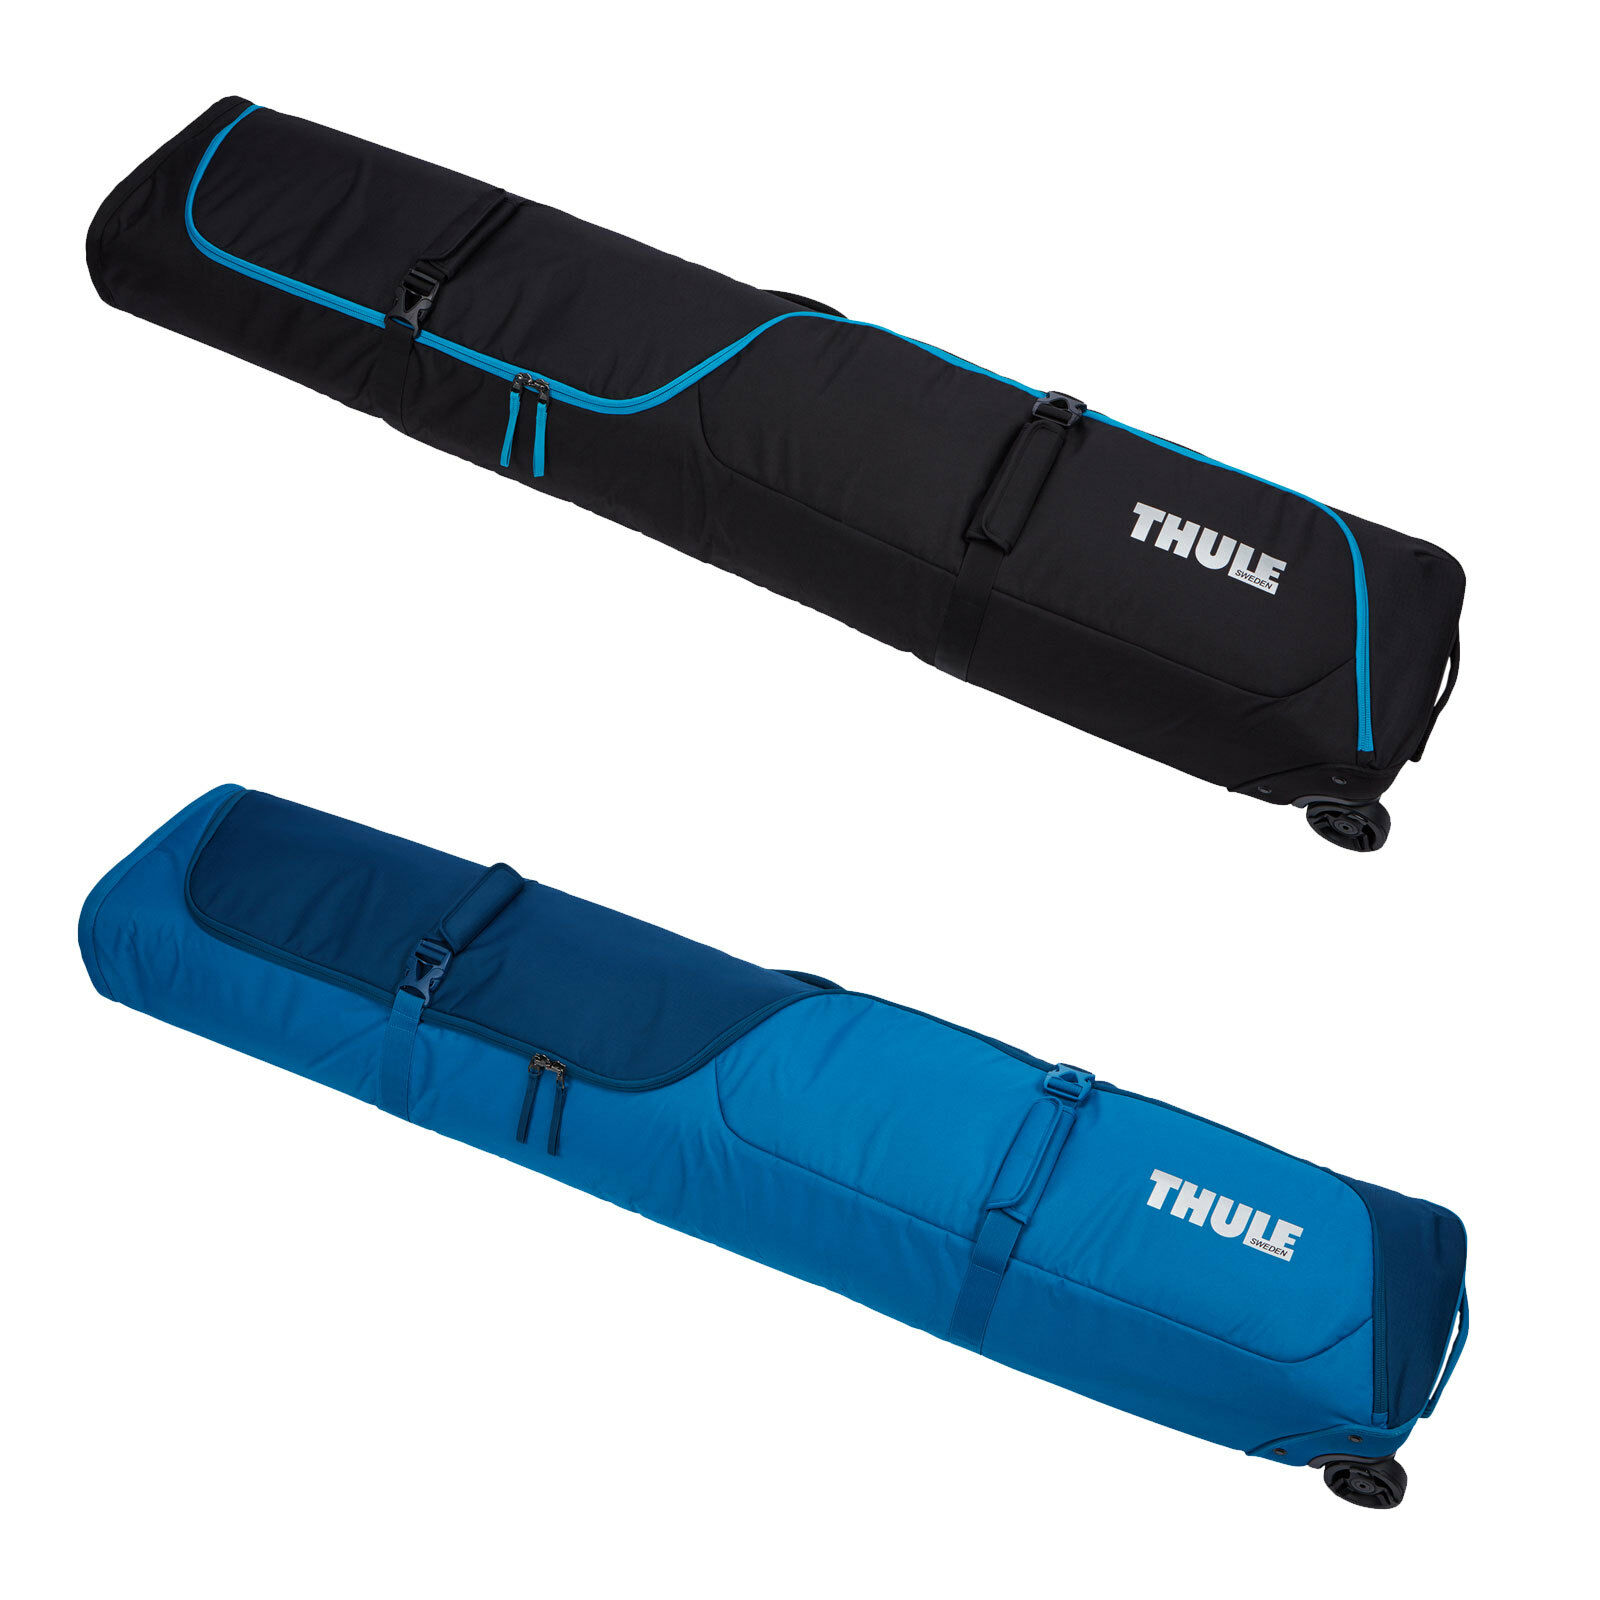 Thule Snowboard Roller Transporttasche Boardbag Board-Case Board-Tasche 165 cm